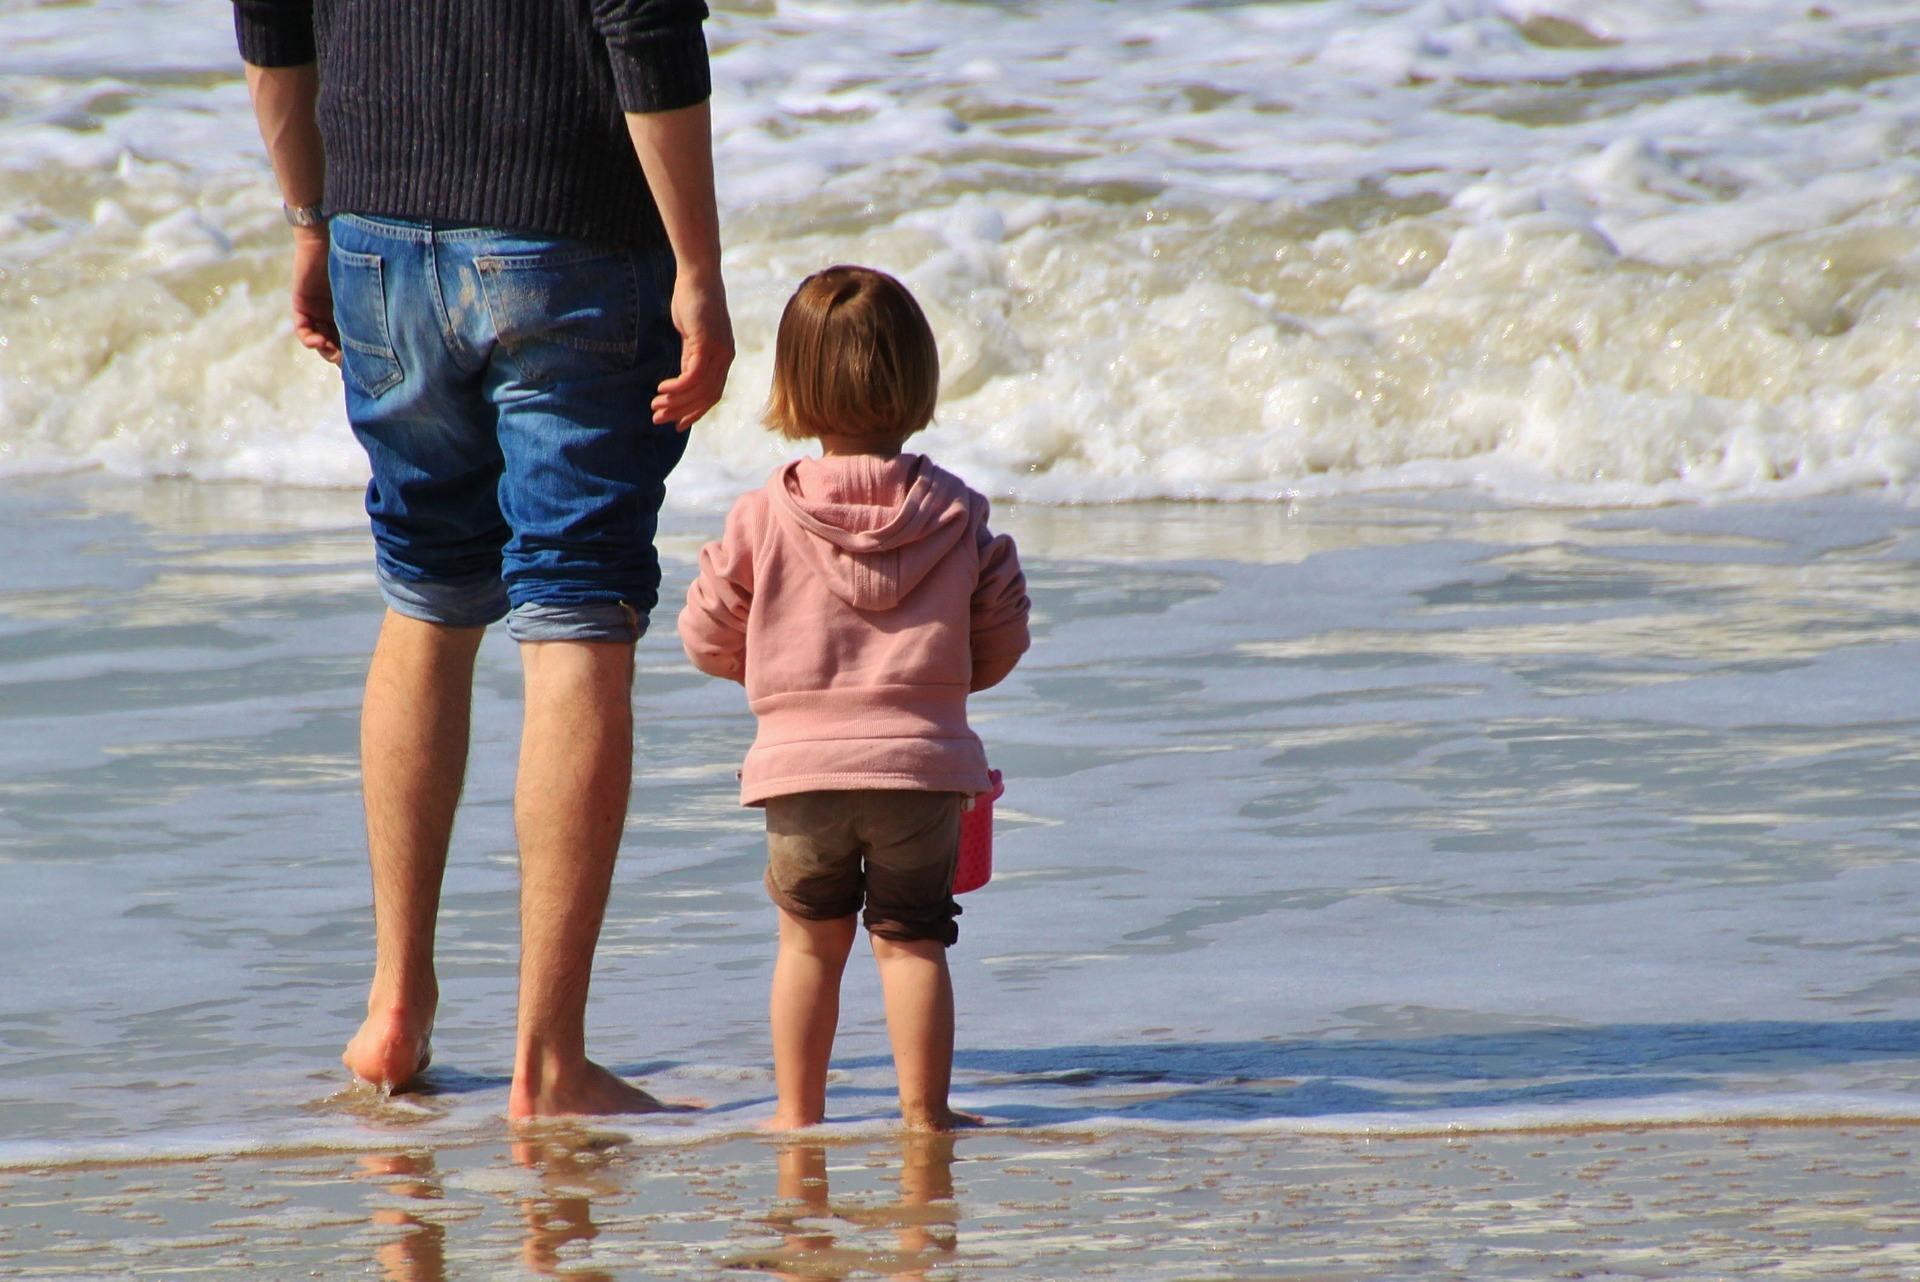 klein kind staat naast man naar de zee te kijken